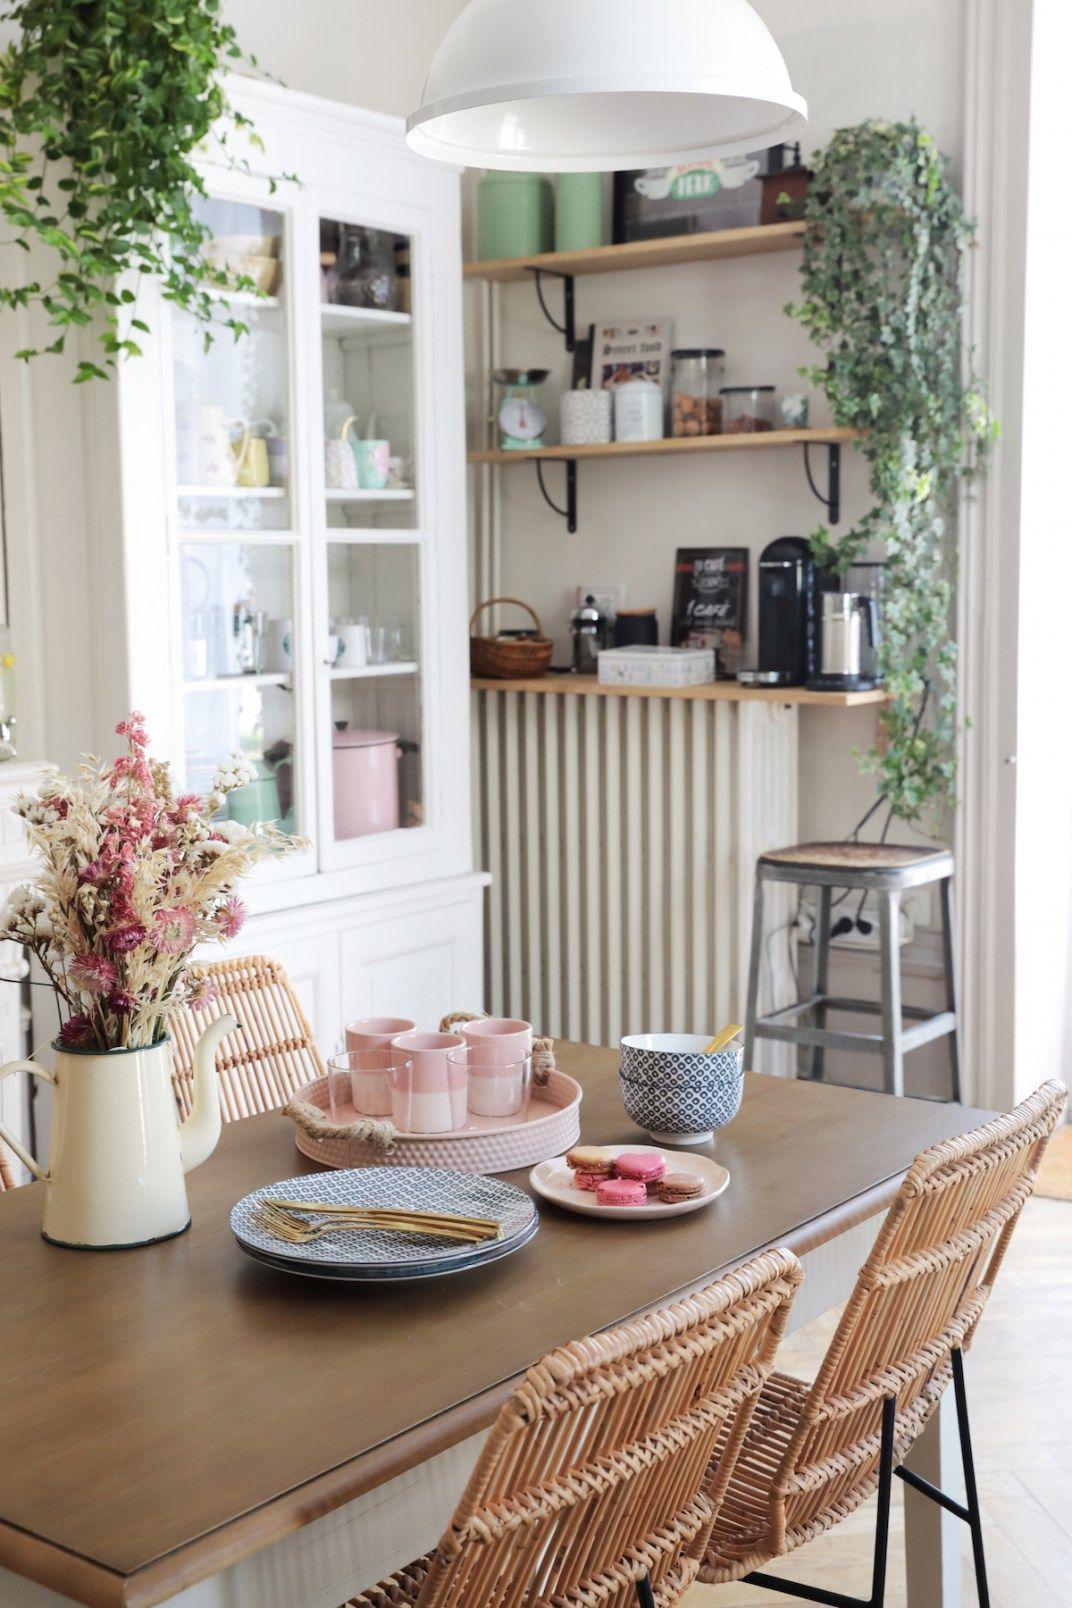 La Maison De Coralie Du Blog Elles En Parlent Qui A Cree Un Interieur Retro Et Delicat A Design De Cuisine De Luxe Interieur Moderne De Cuisine Cuisines Maison